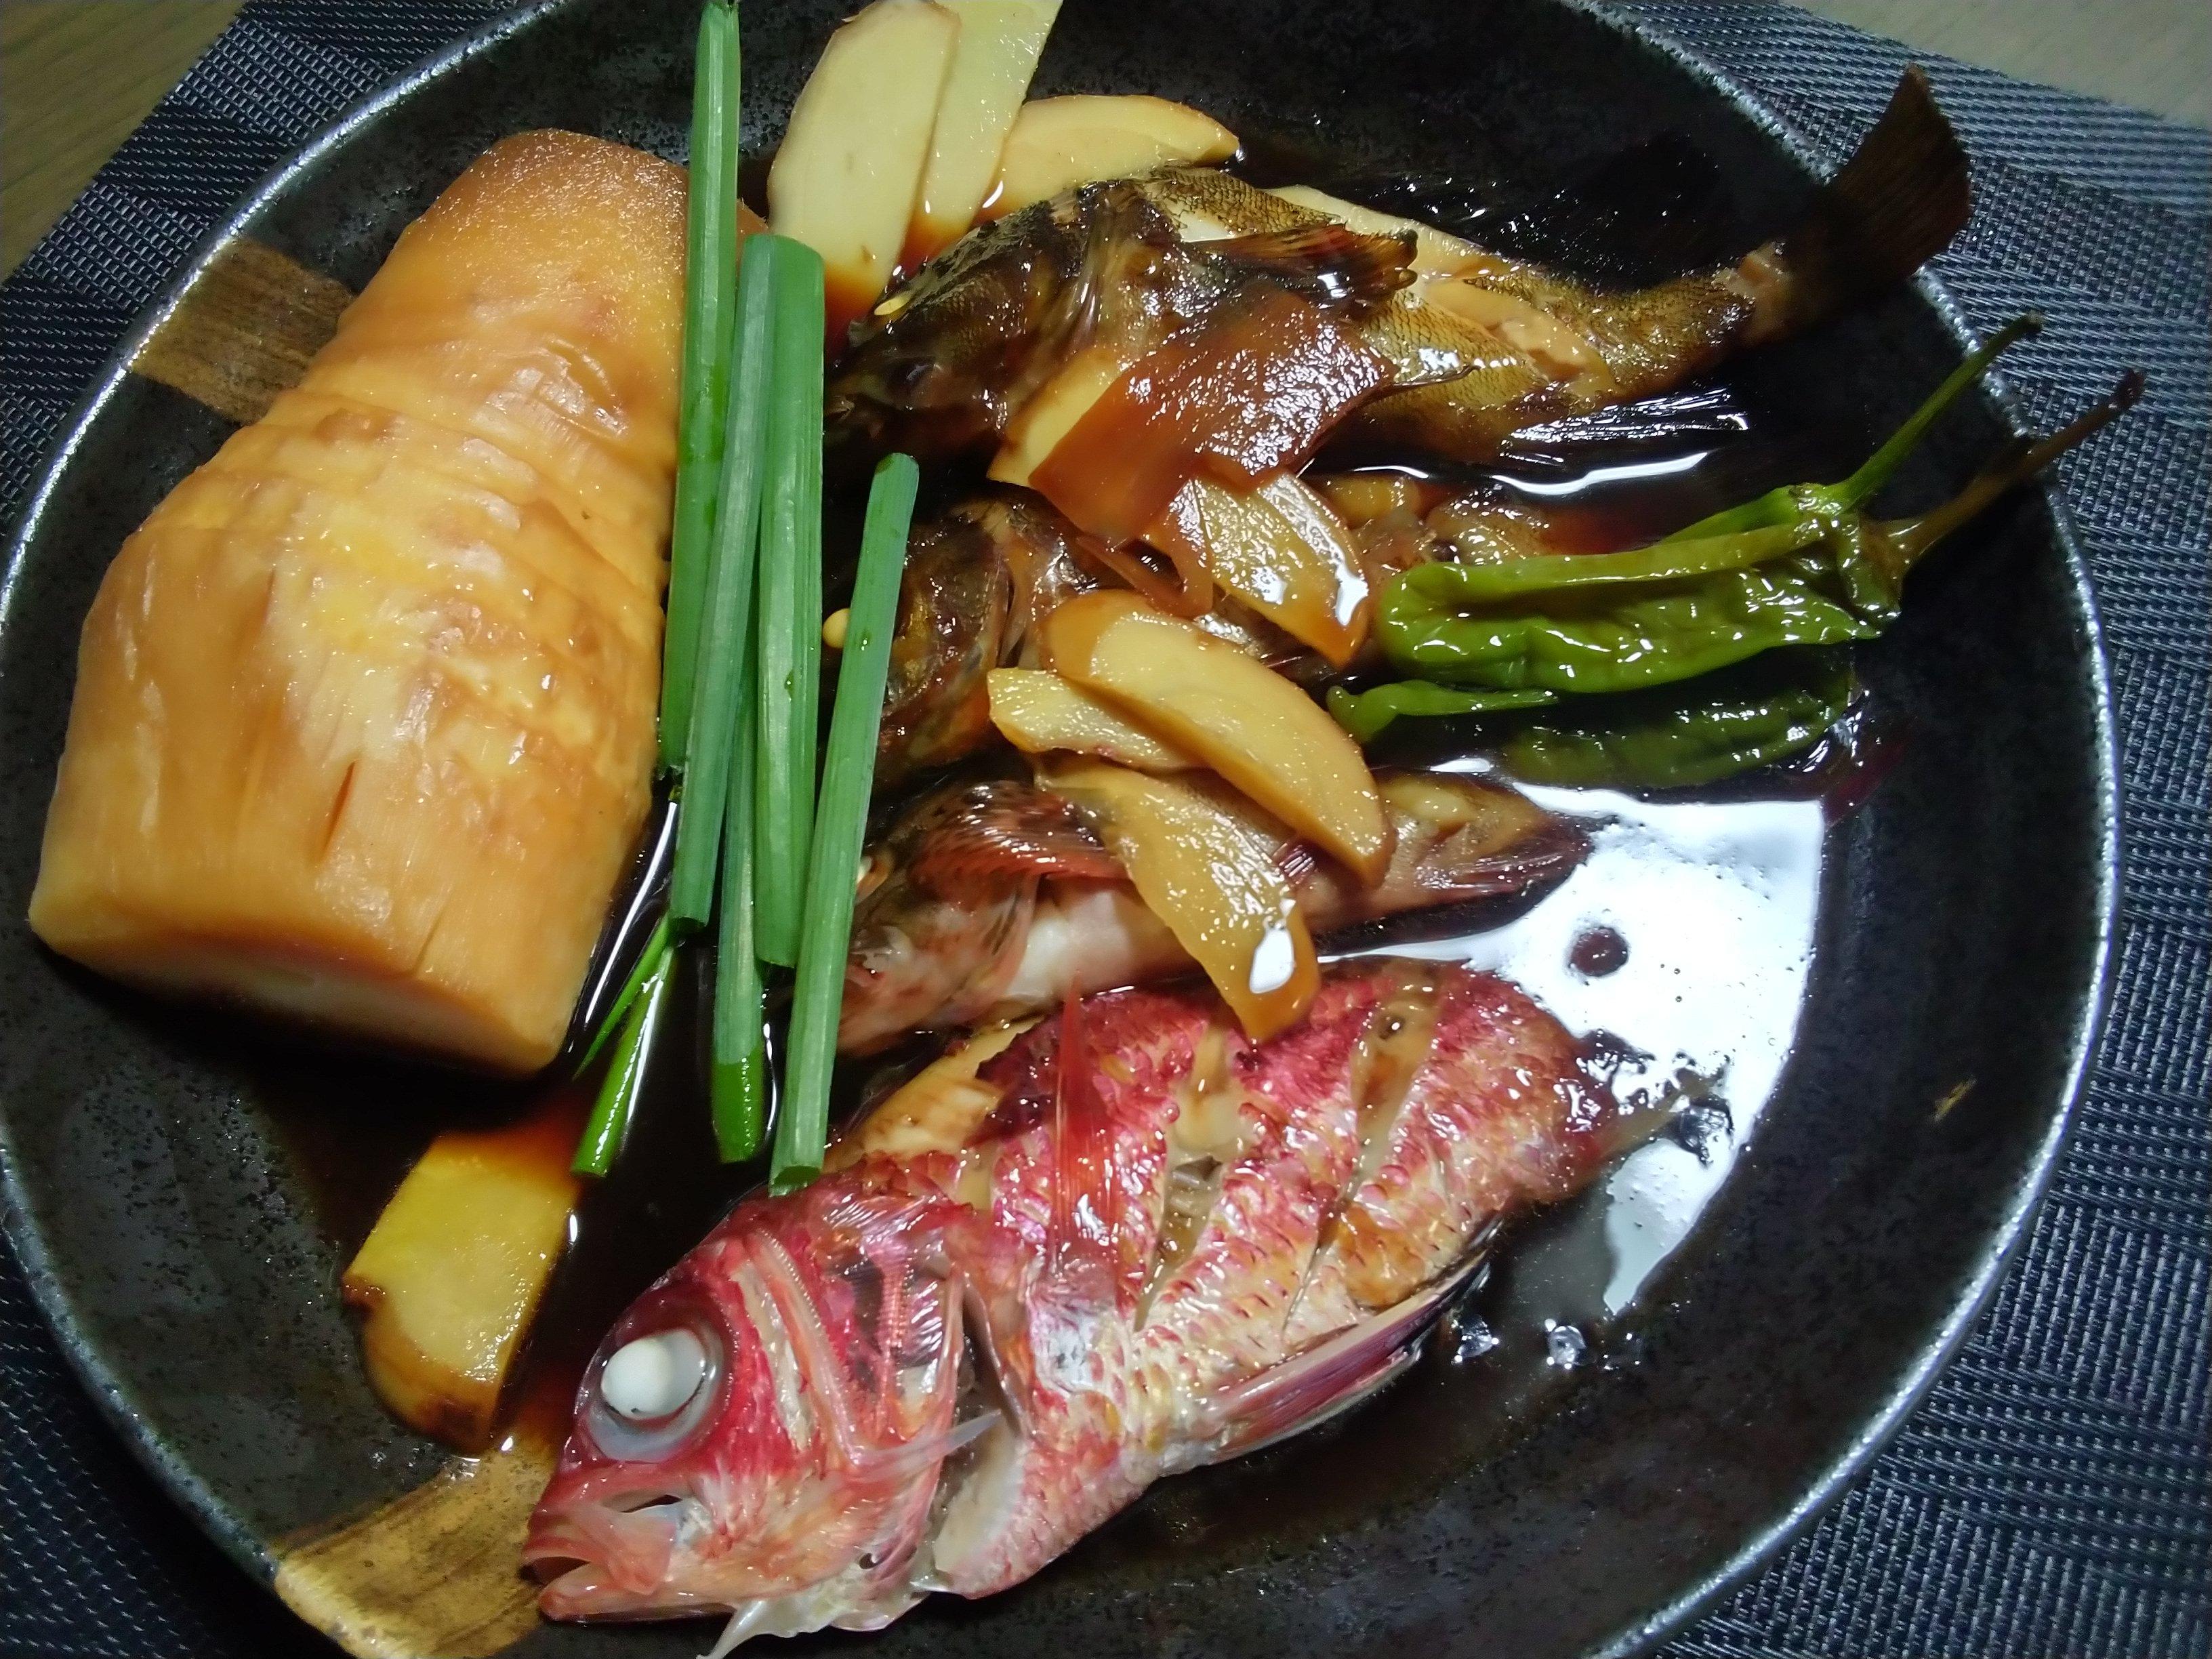 魚はメバル、カサゴ、アヤメエビスです。アヤメエビスは鱗がごっついんですが煮たら身は白身で美味しい。